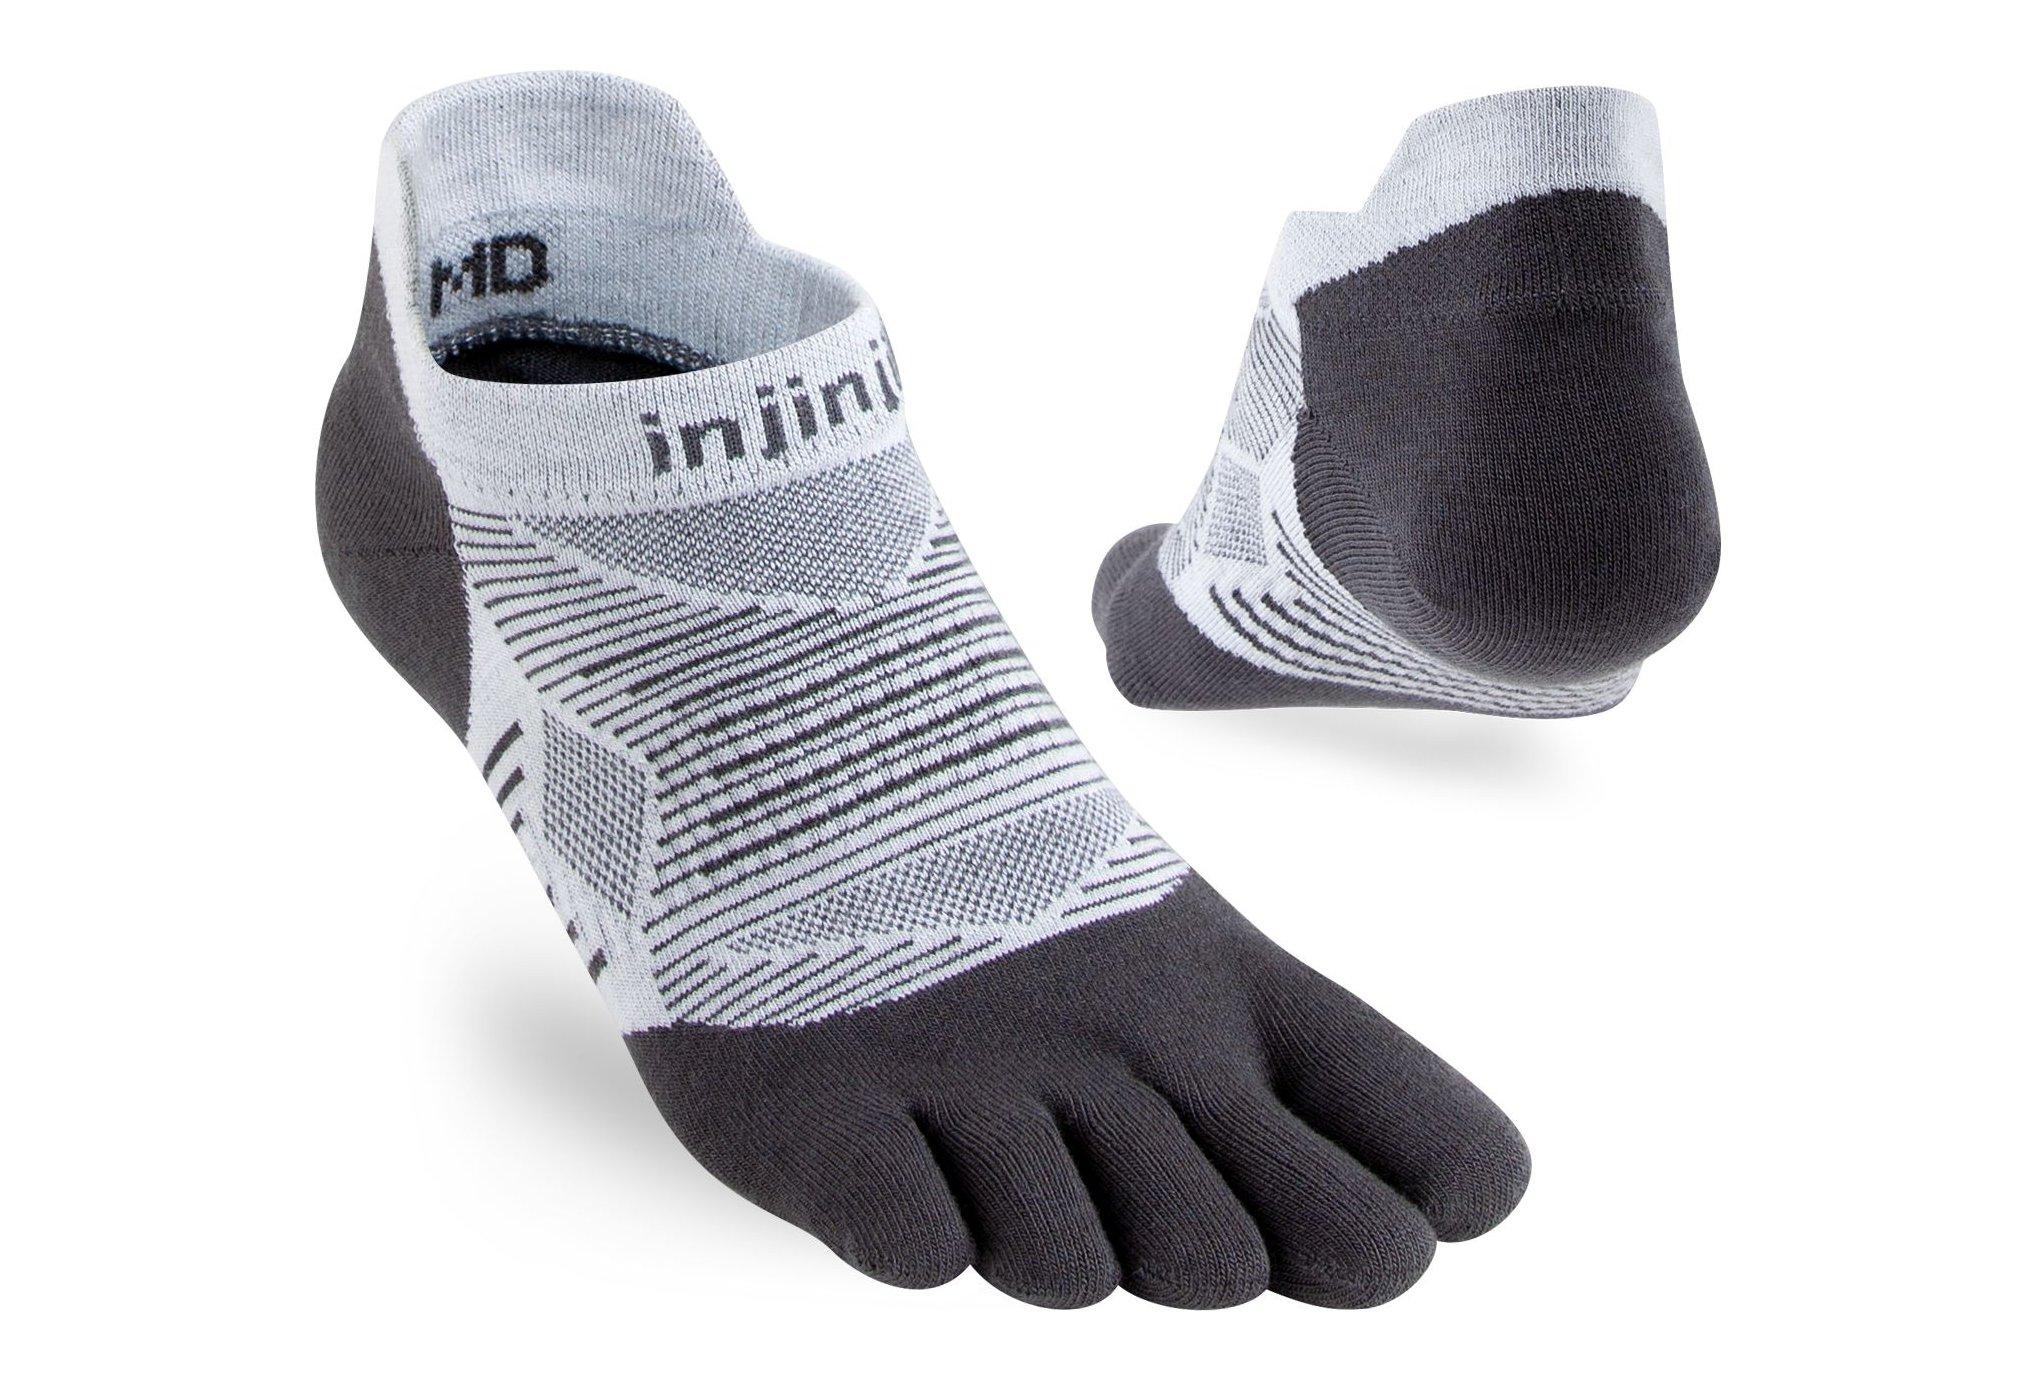 Injinji Run Lightweight No-Show Coolmax Chaussettes